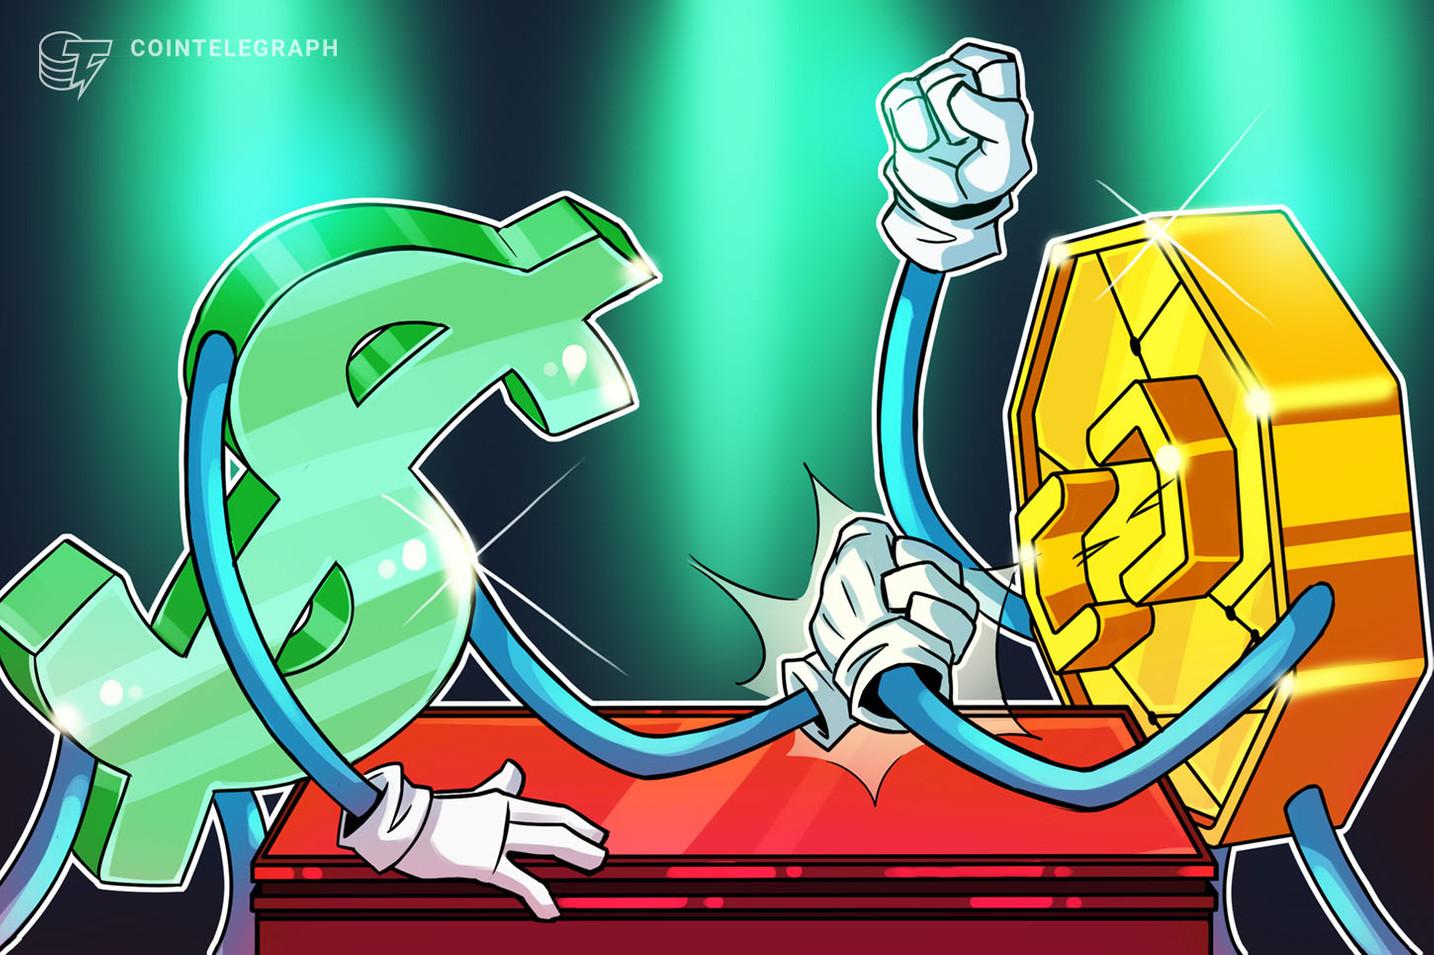 Инвестиционната компания на стойност 7 млрд. Долара препоръчва крипто за победа на обезценяването на валутата